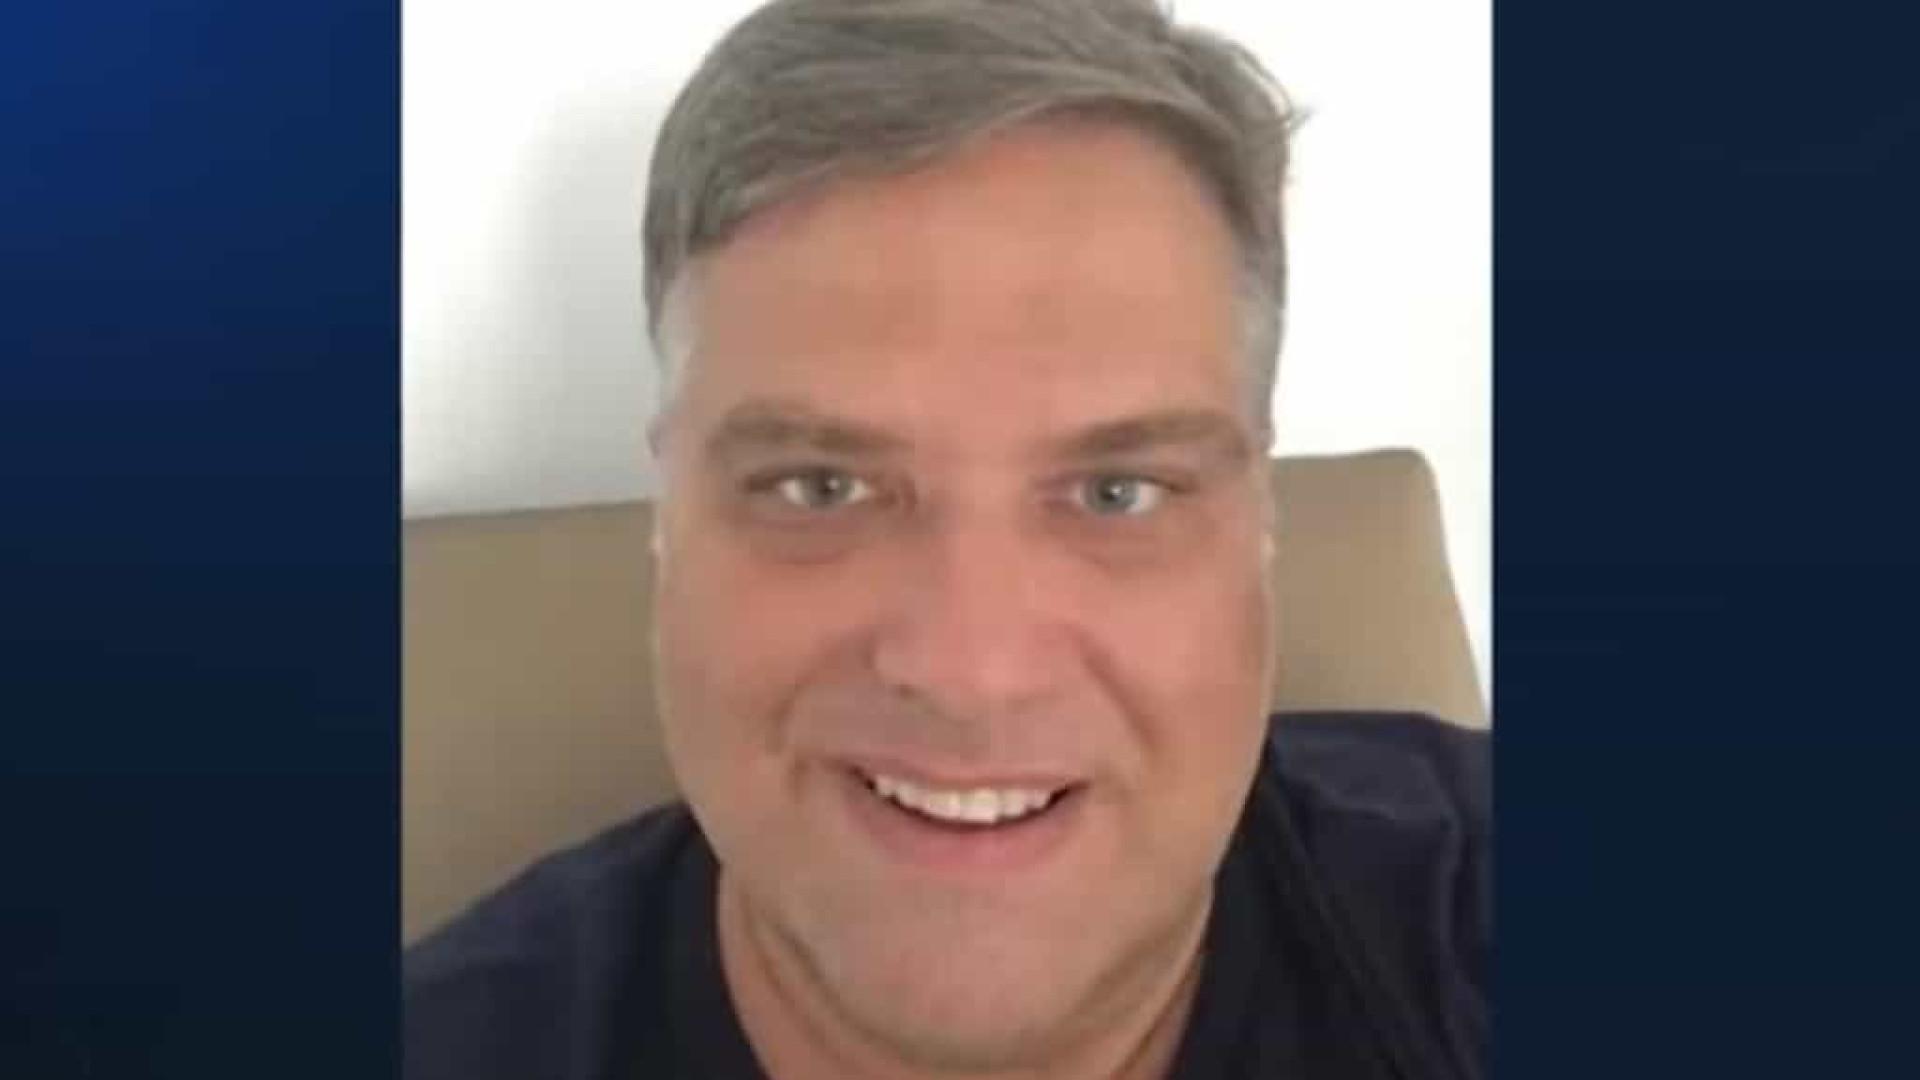 Procurador recebeu R$ 124 mil em dois meses, após reclamar de 'miserê'